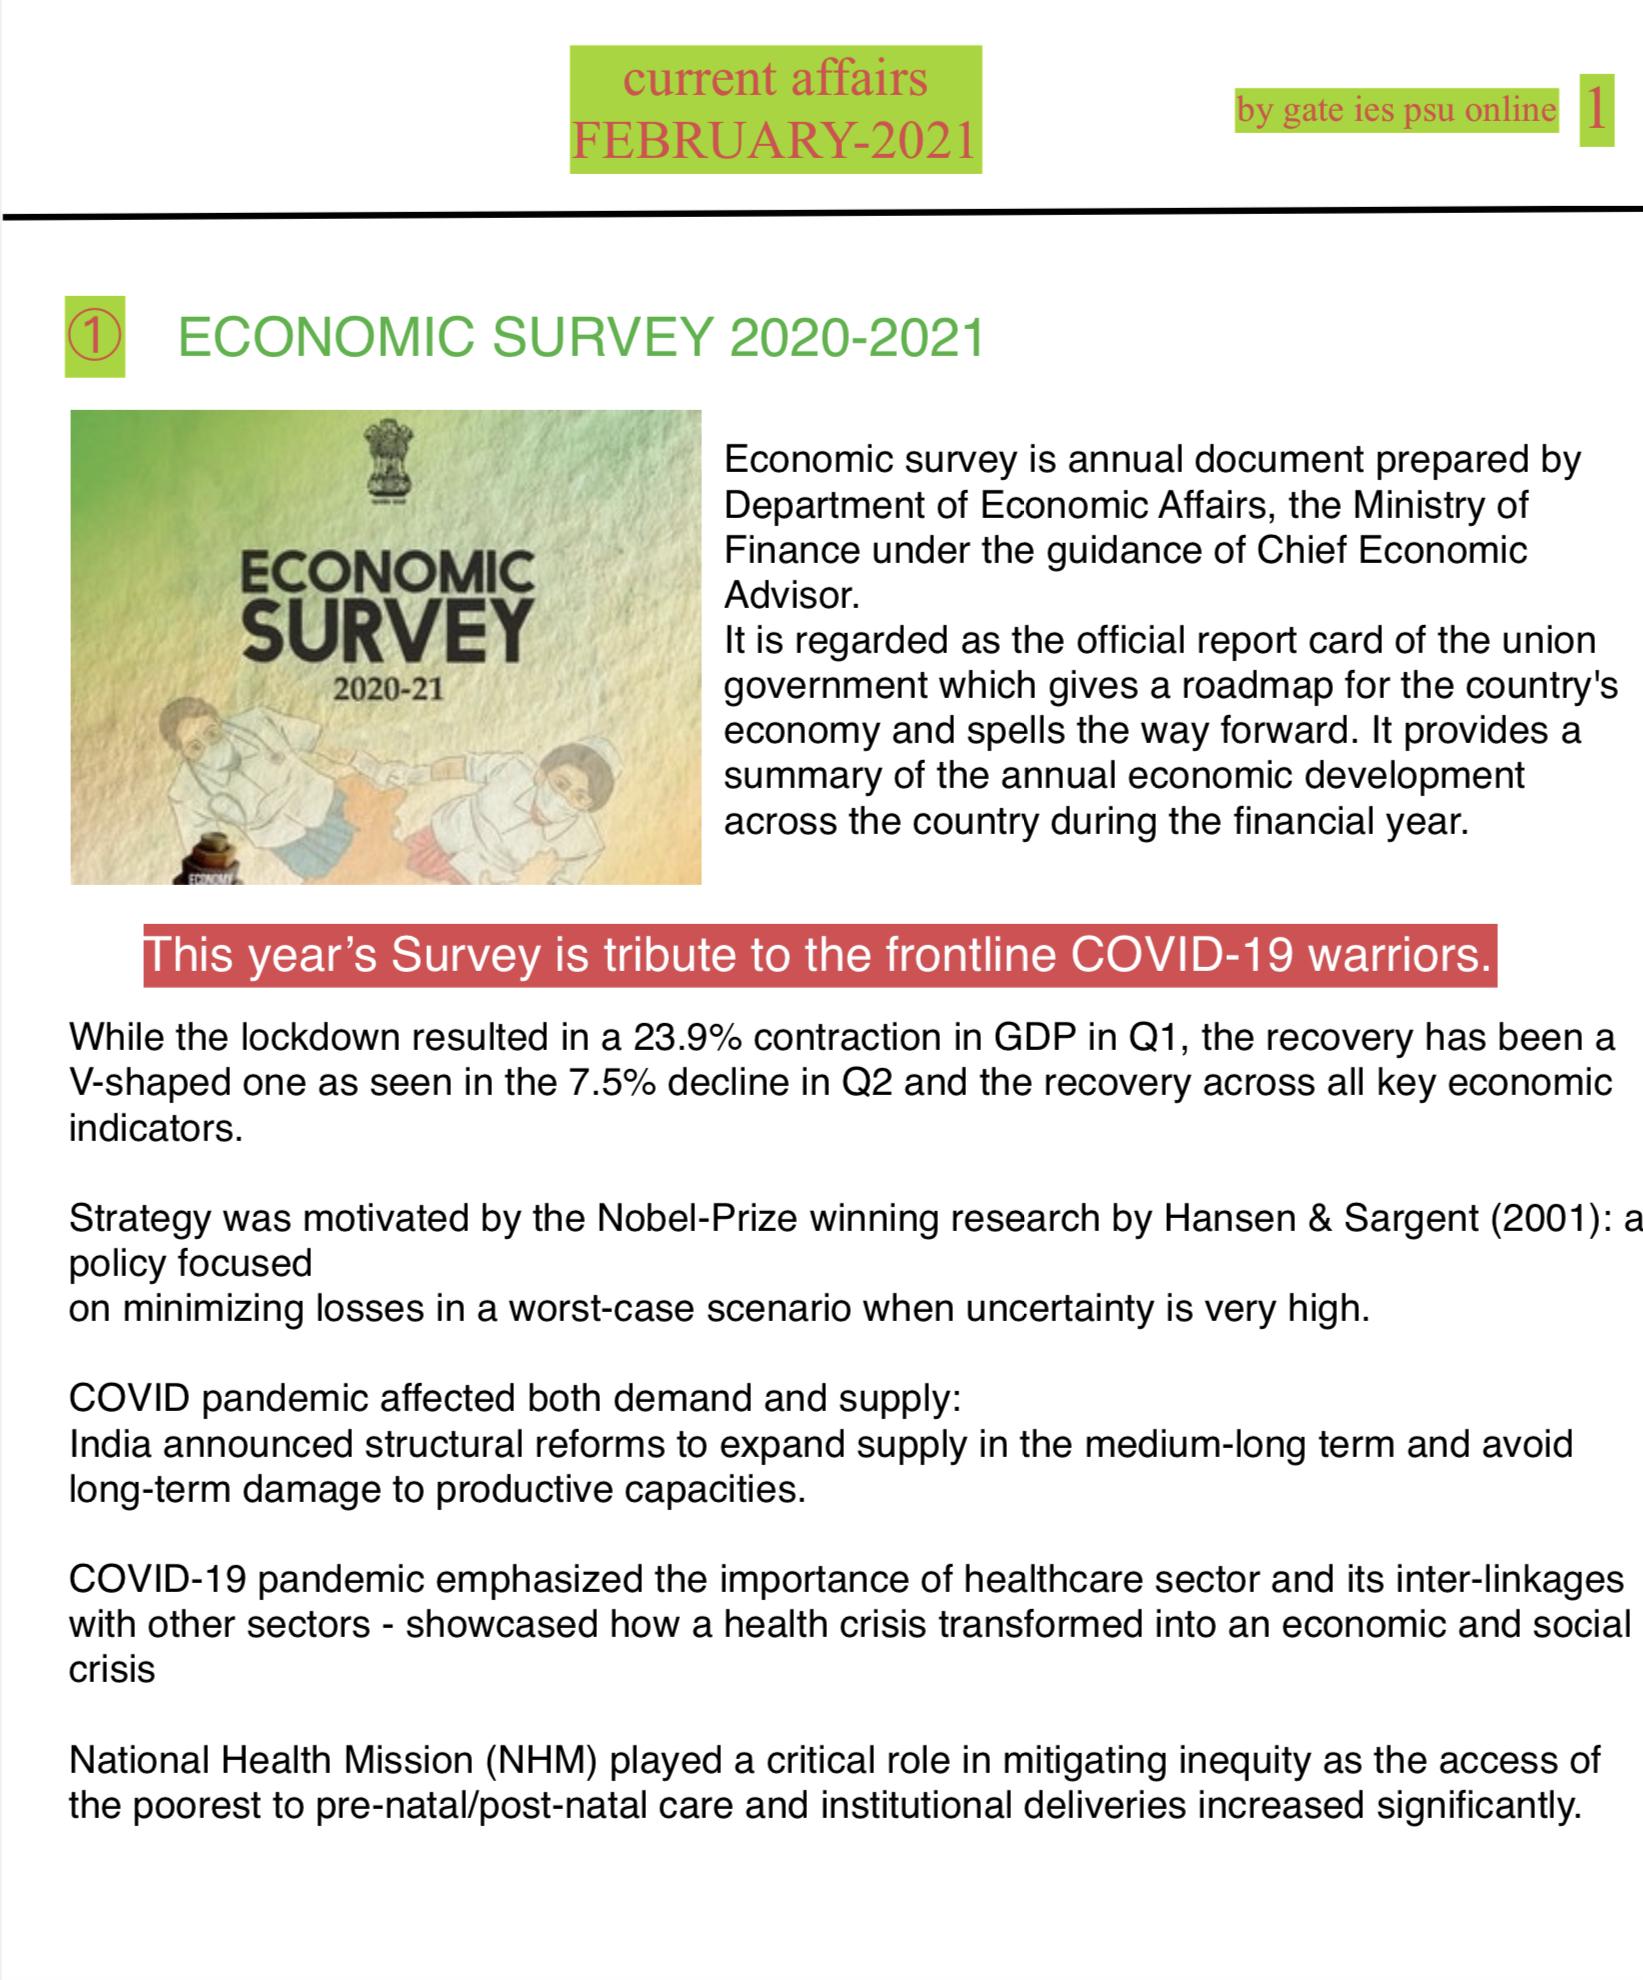 ECONOMIC SURVEY 2020-21 SUMMARY UPSC